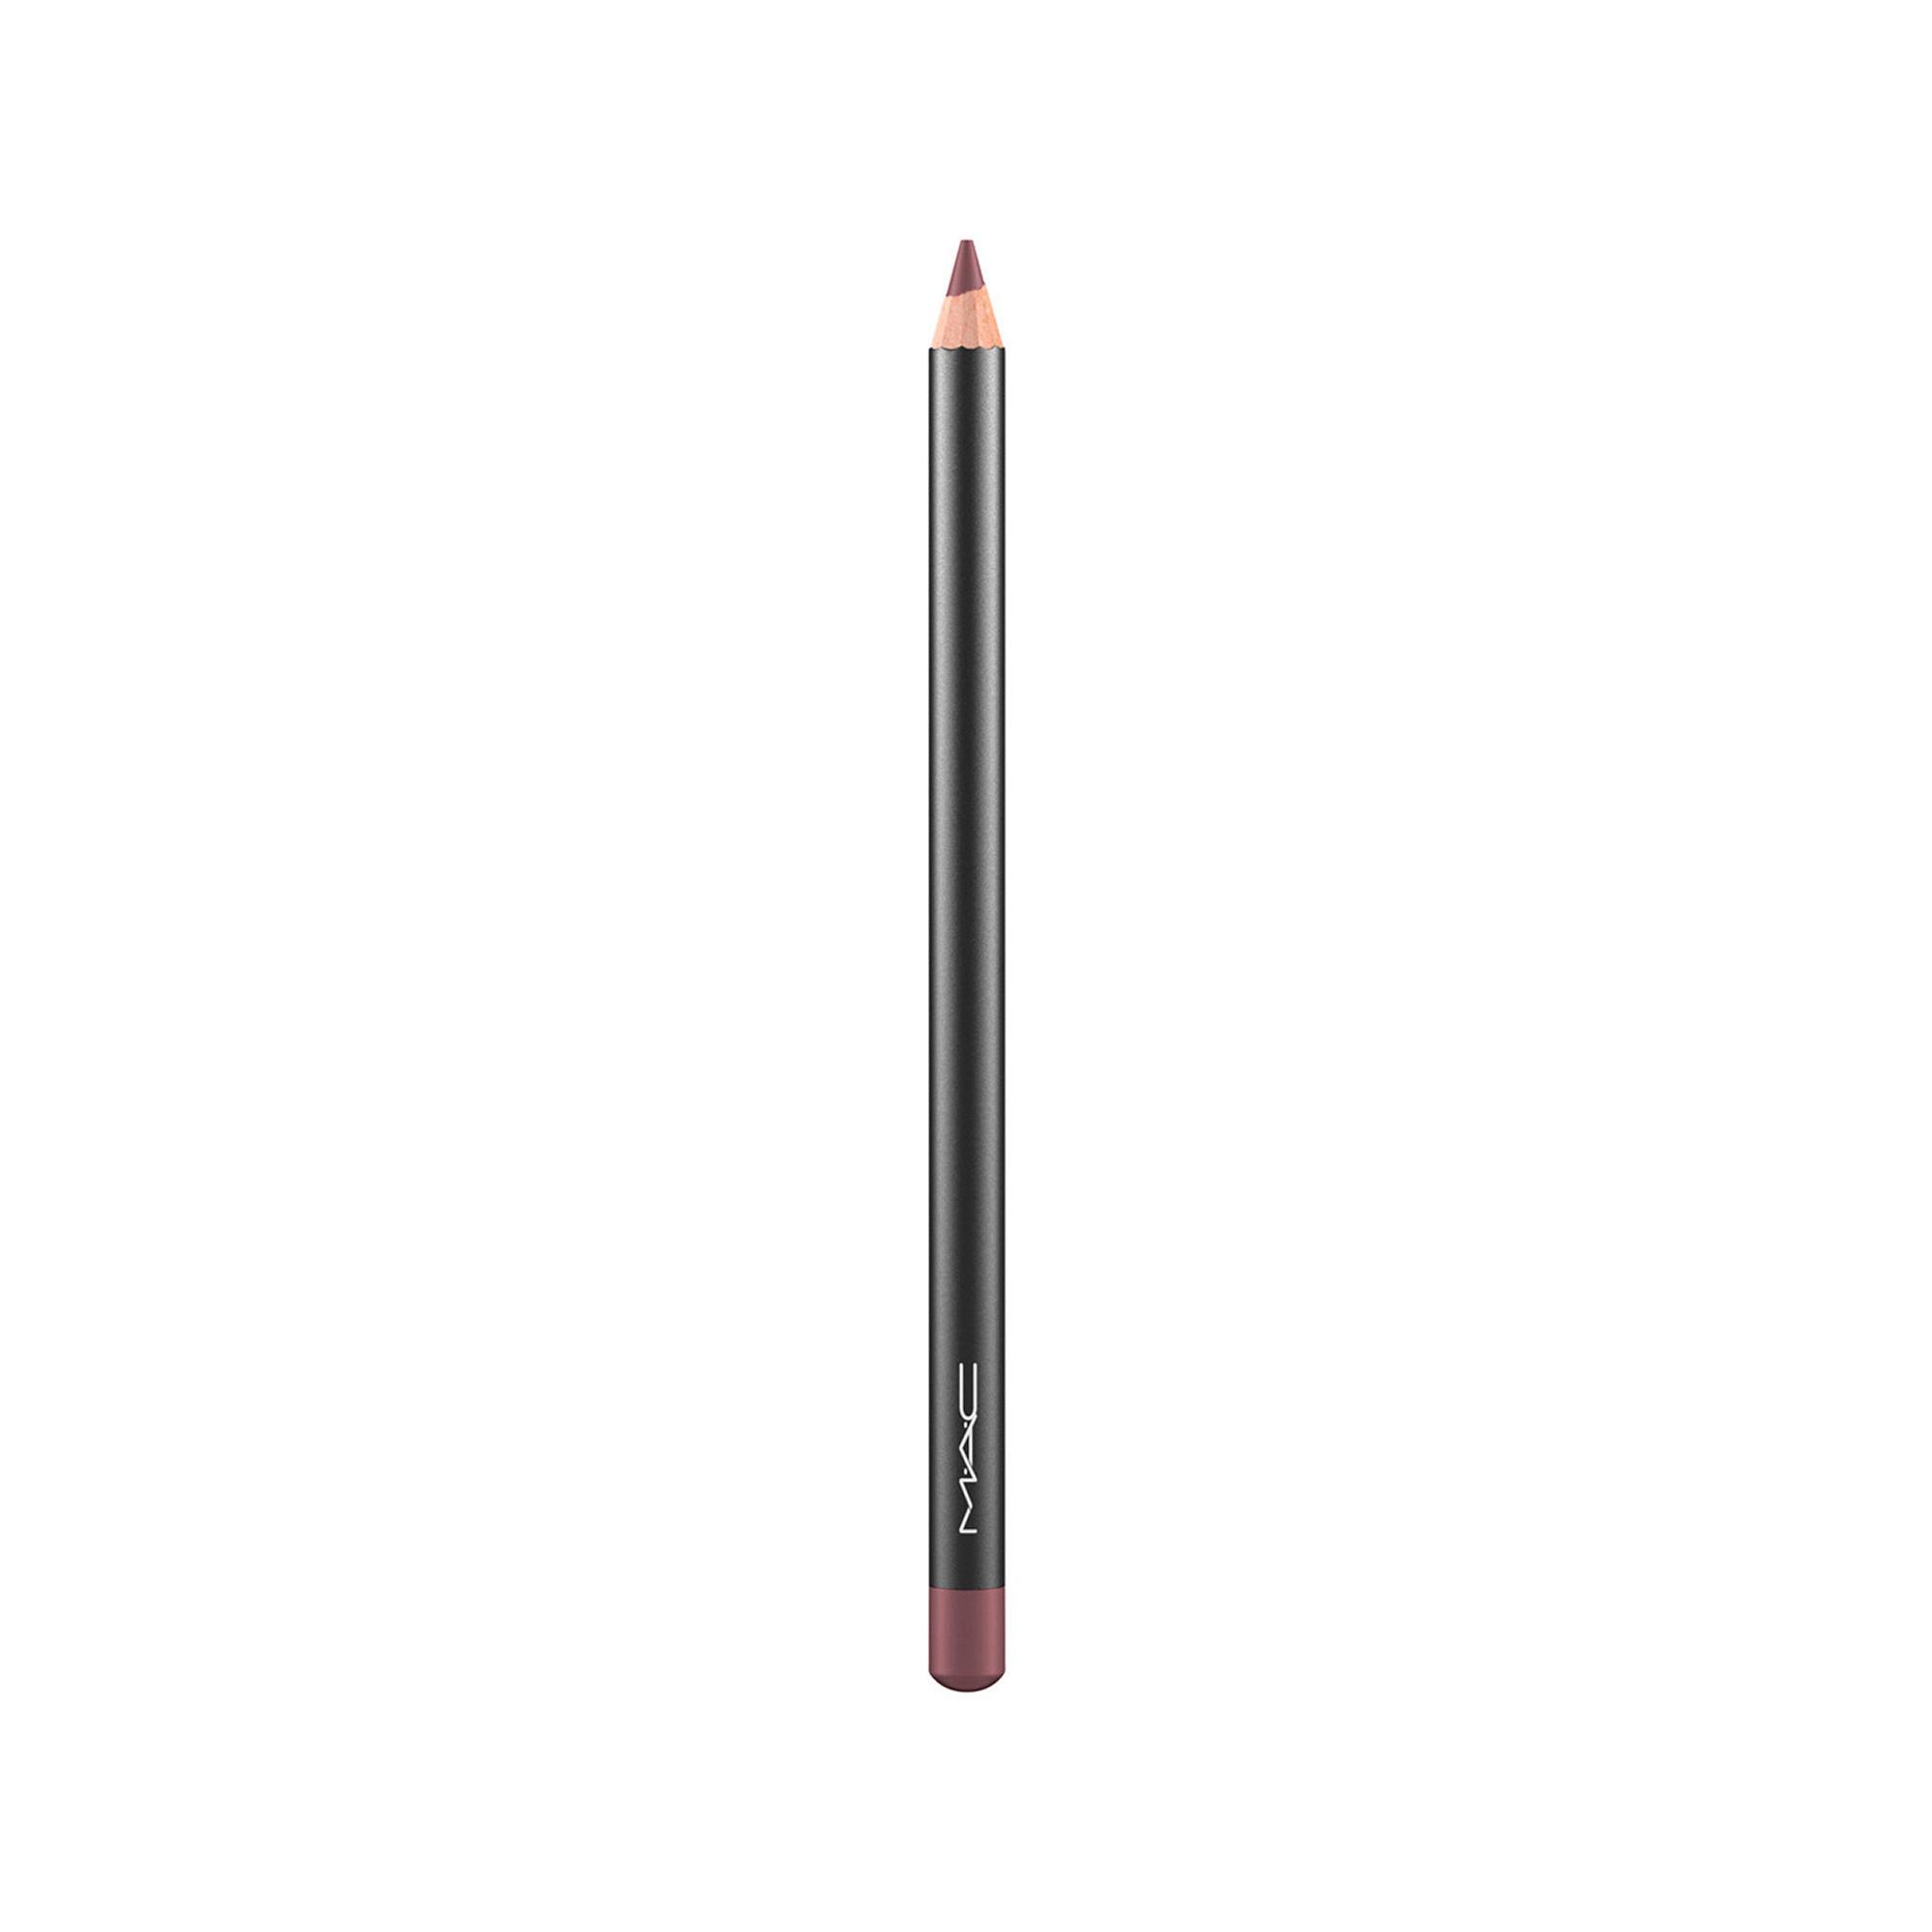 Lip Pencil - Plum, PLUM, large image number 0